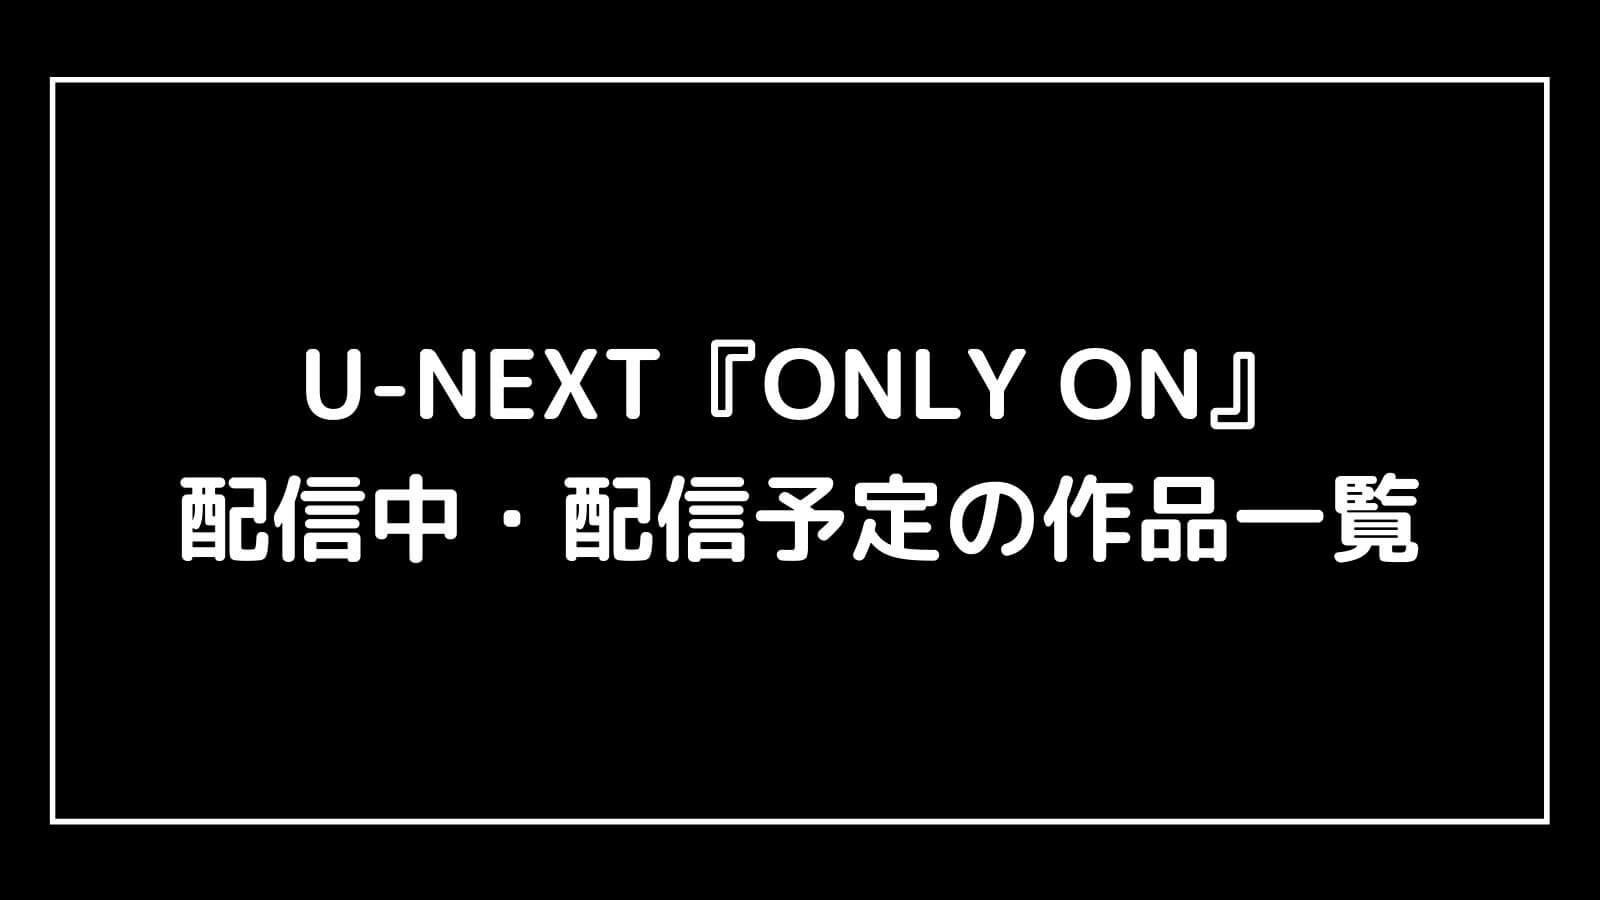 【2021年6月】U-NEXT『ONLY ON』で配信中・配信予定の作品一覧